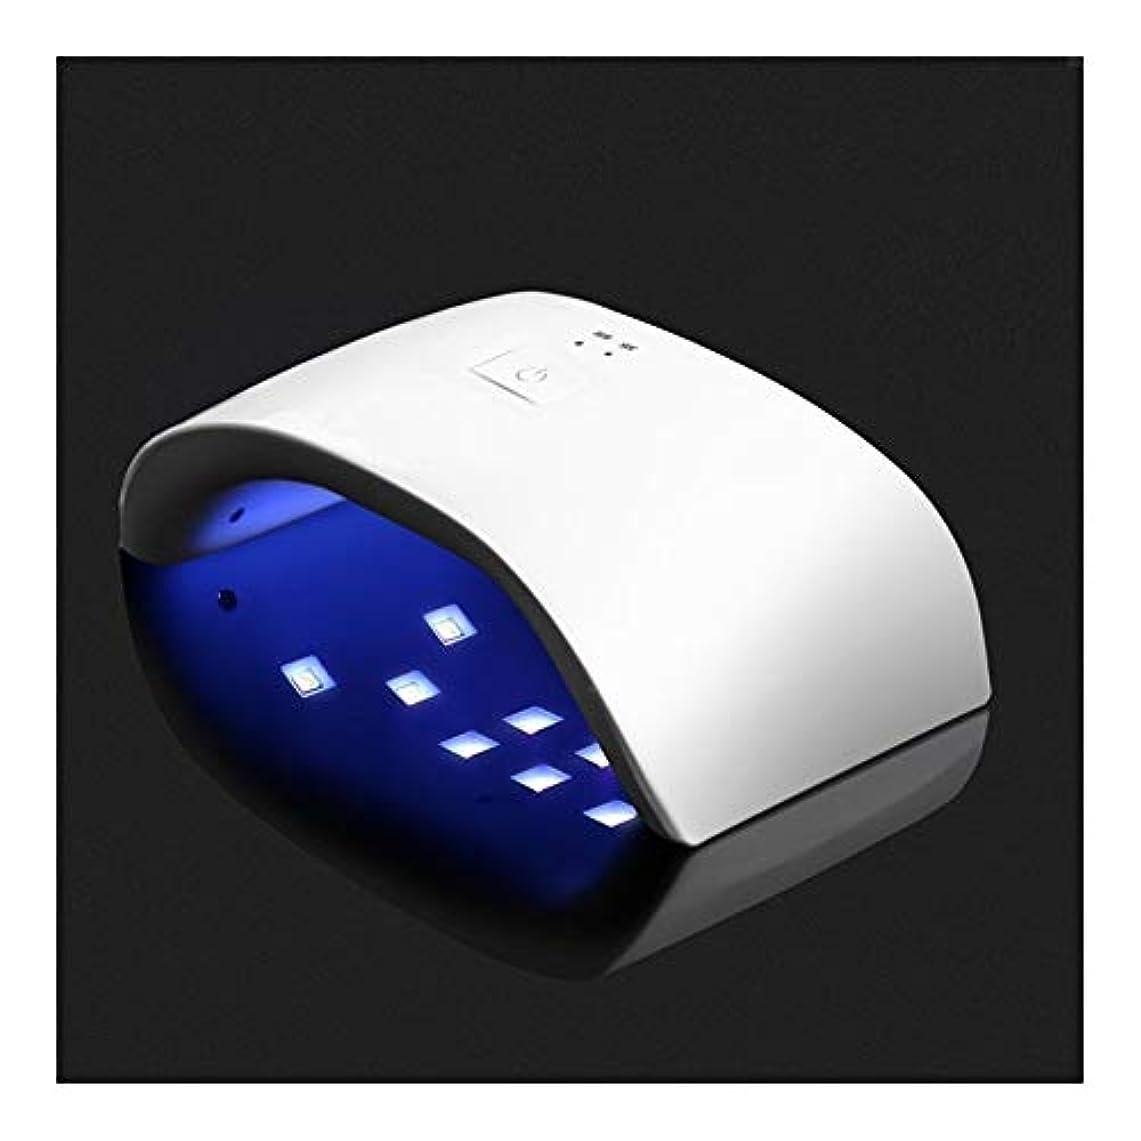 士気冷淡な肉屋LittleCat 36WネイルUV誘導機ドライヤースマート主導ネイルポリッシュプラスチックヒートランプライト処理ツール (色 : White)